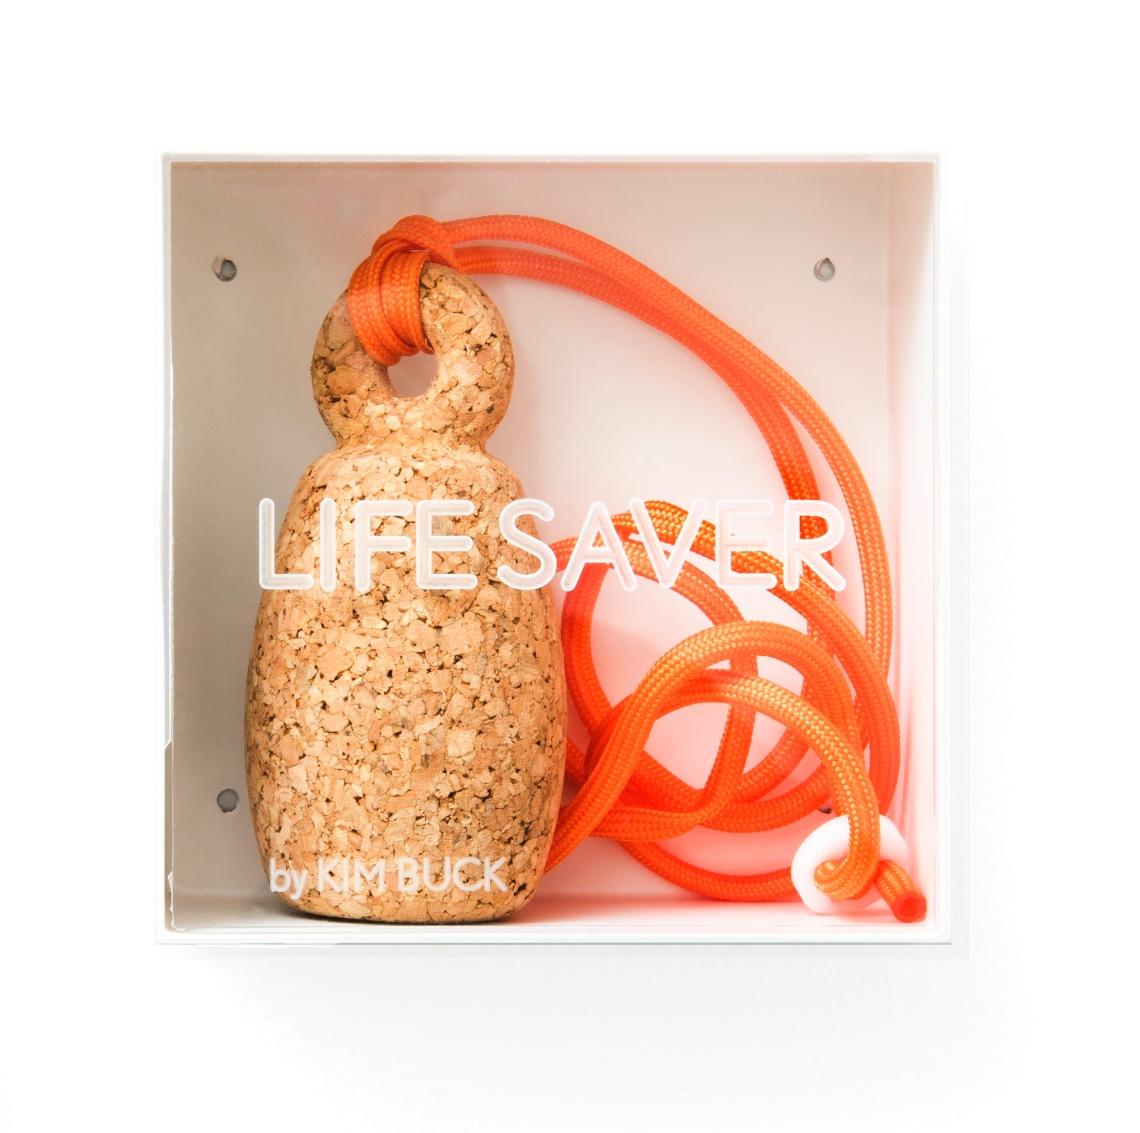 Kim Buck, Lifesaver, halssieraad, 2014. Collectie Jorunn Veiteberg. Foto met dank aan Nordenfjeldske Kunstindustrimuseum, Guri Dahl©